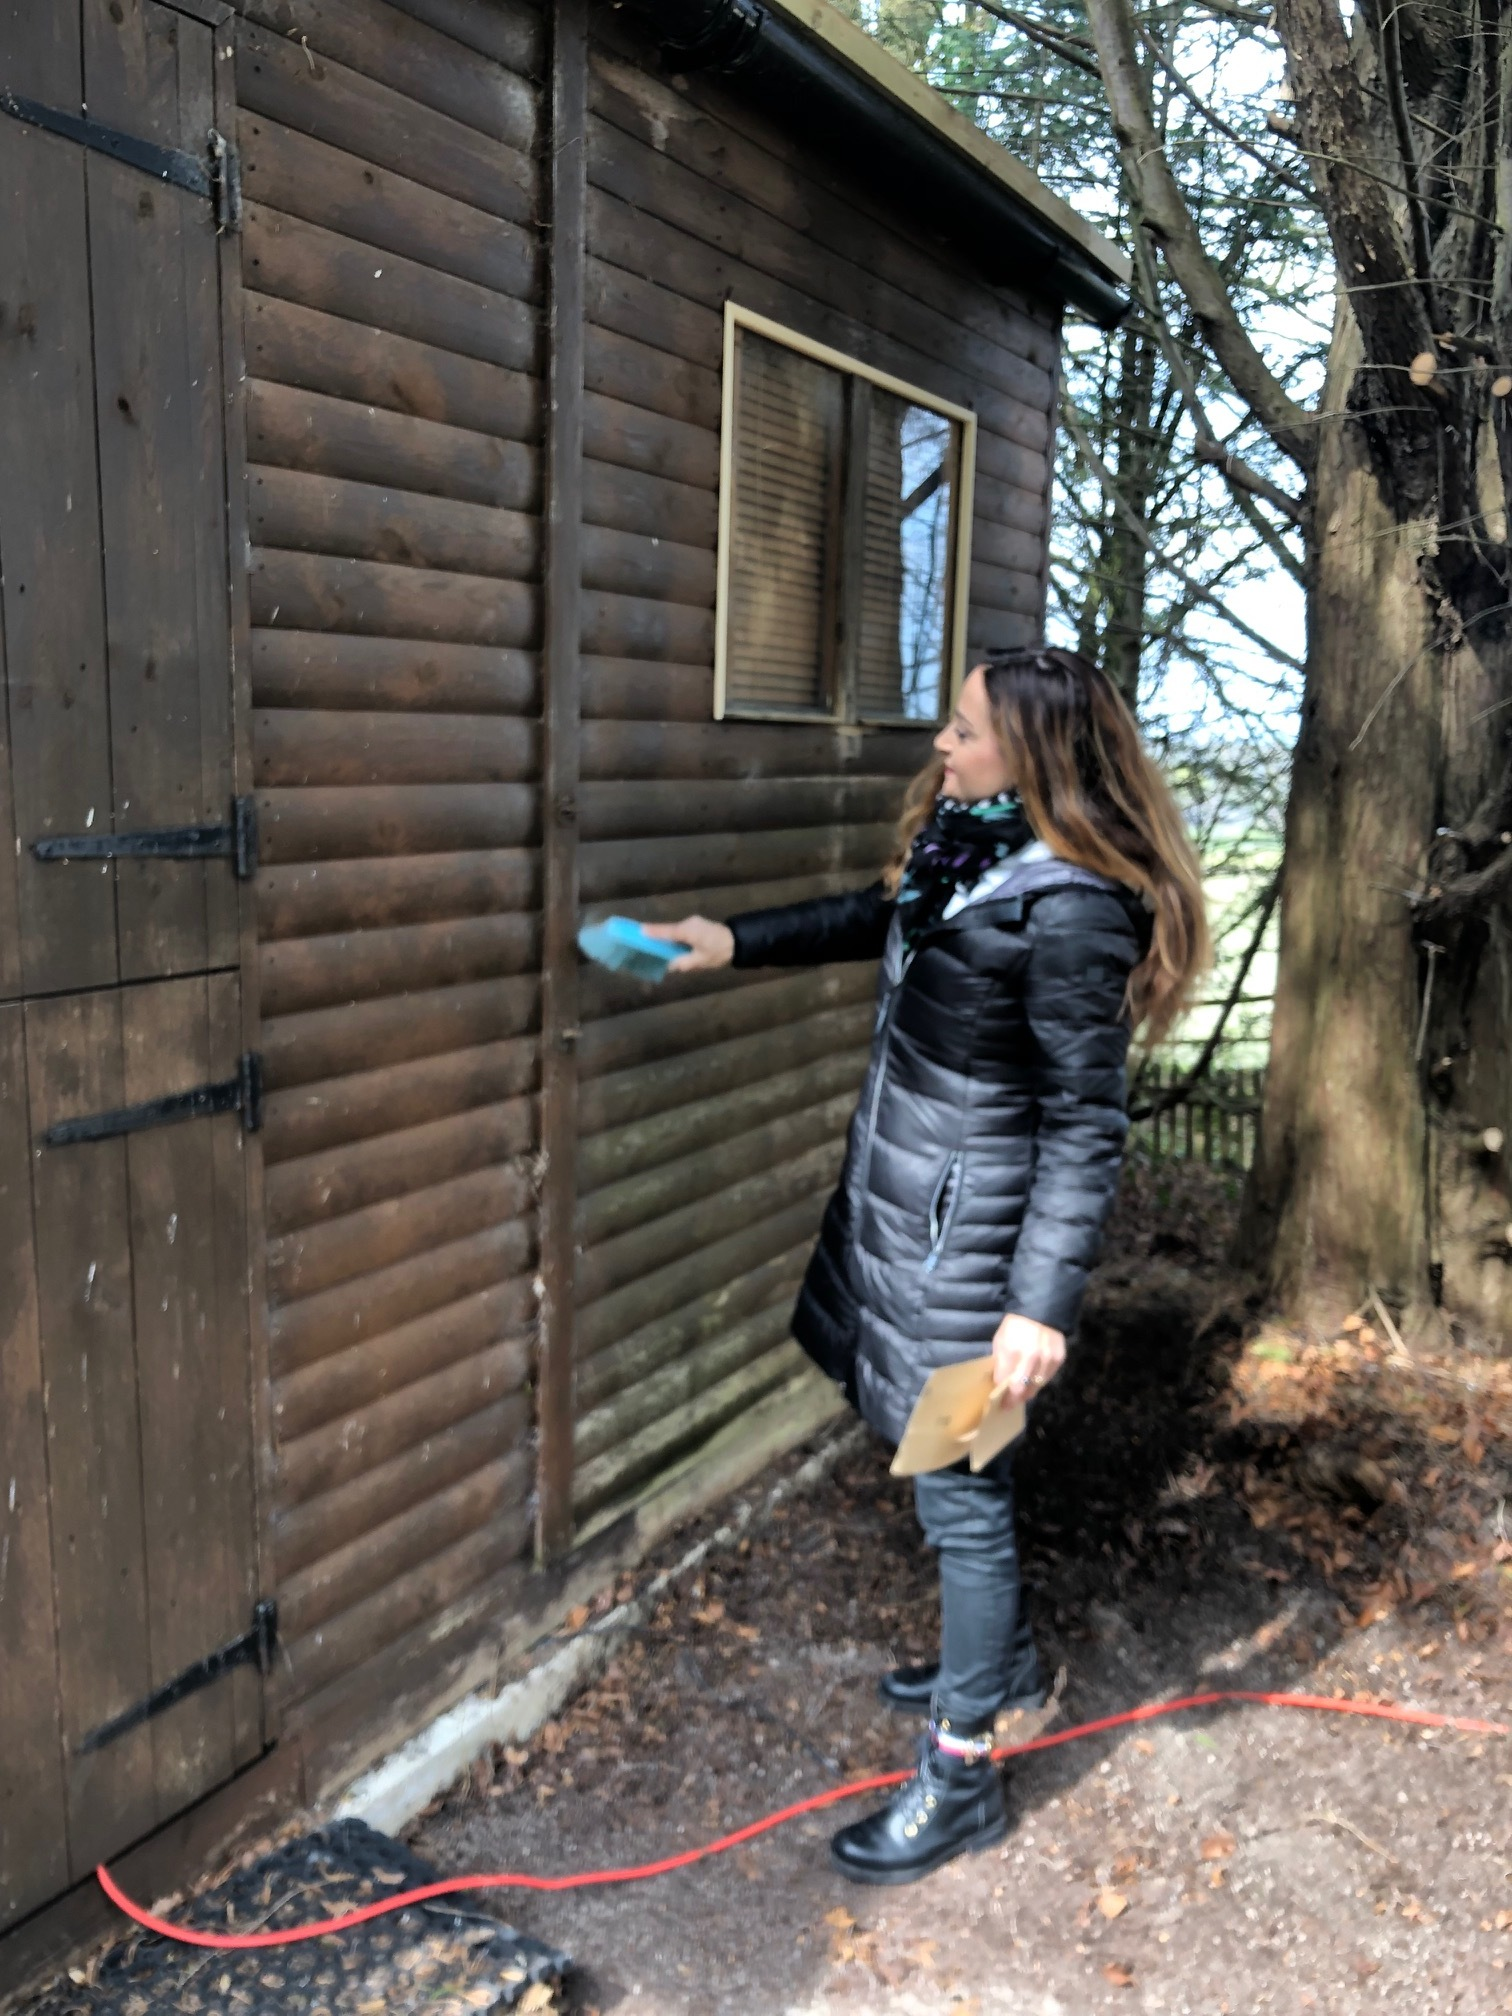 Alexia Weill lending a helping hand